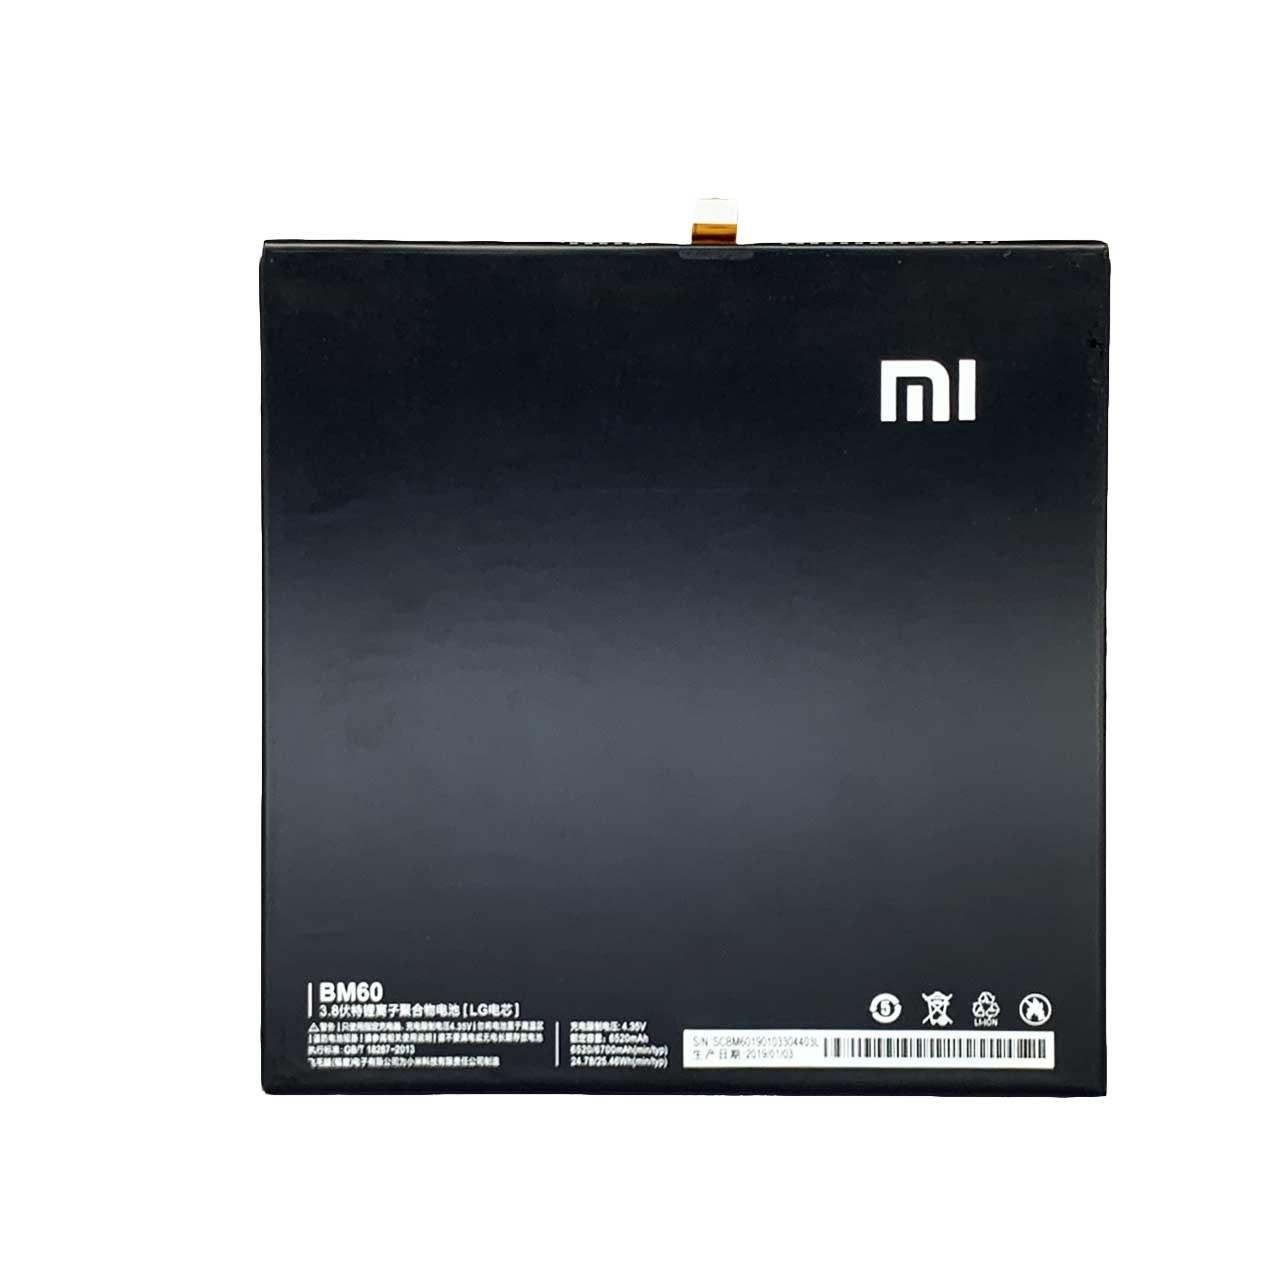 تصویر باتری تبلت شیائومی Xiaomi Mi Pad 1 با کد فنی BM60